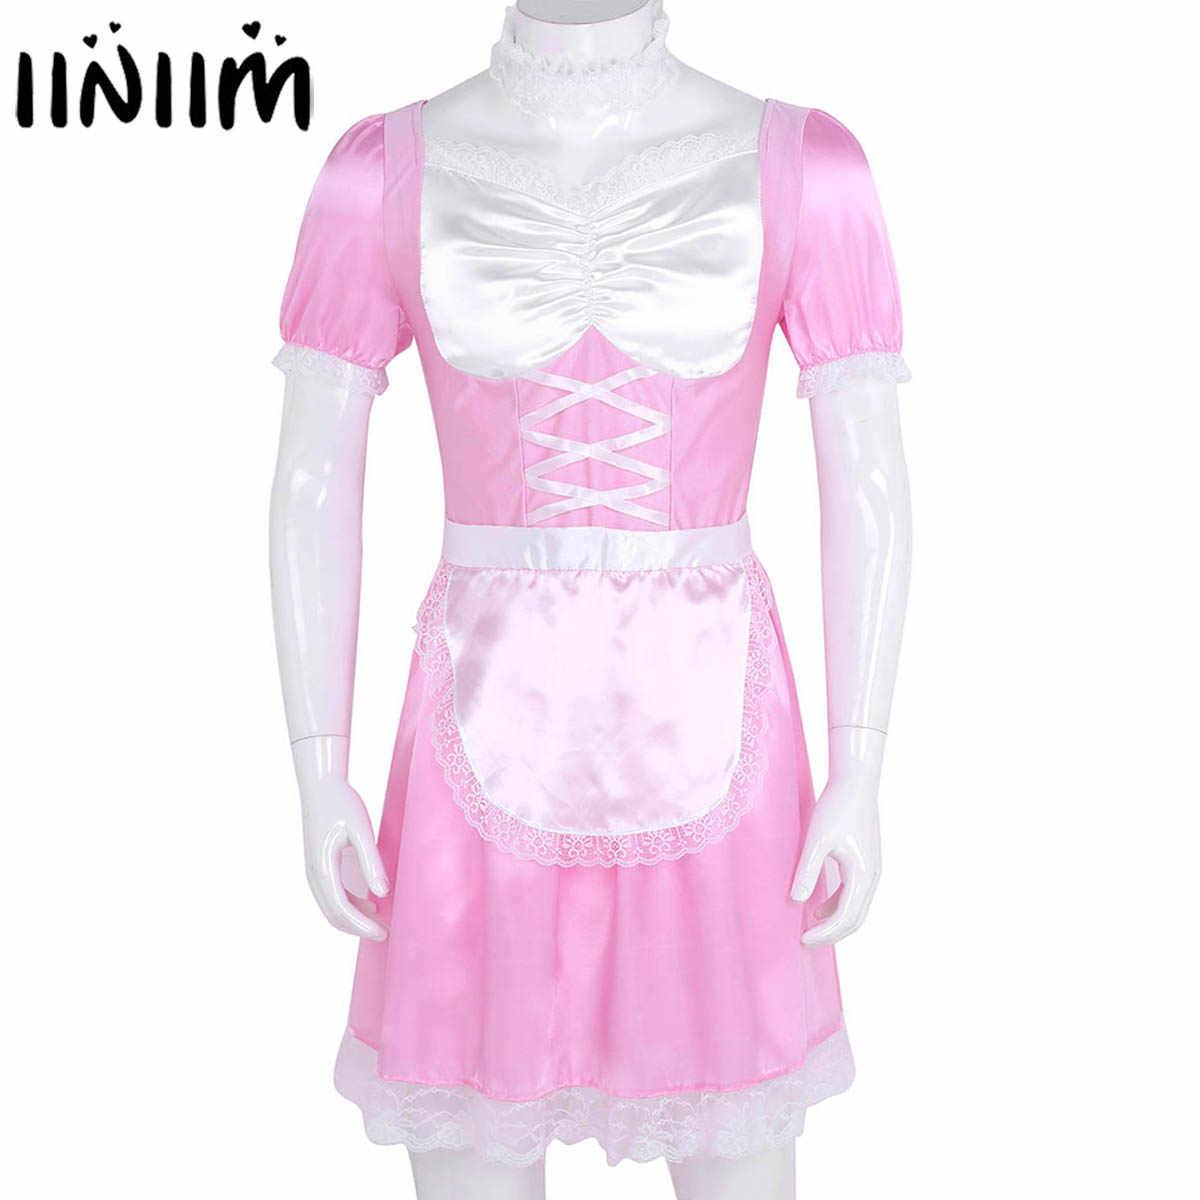 Iiniim 3 Nam Ẻo Lả Người Giúp Việc Đồng Nhất Áo Lạ Mắt Trang Phục Gợi Cảm Clubwear Mới Lạ Bên Satin Kèm Áo Choker Và Dây Đeo Đầu